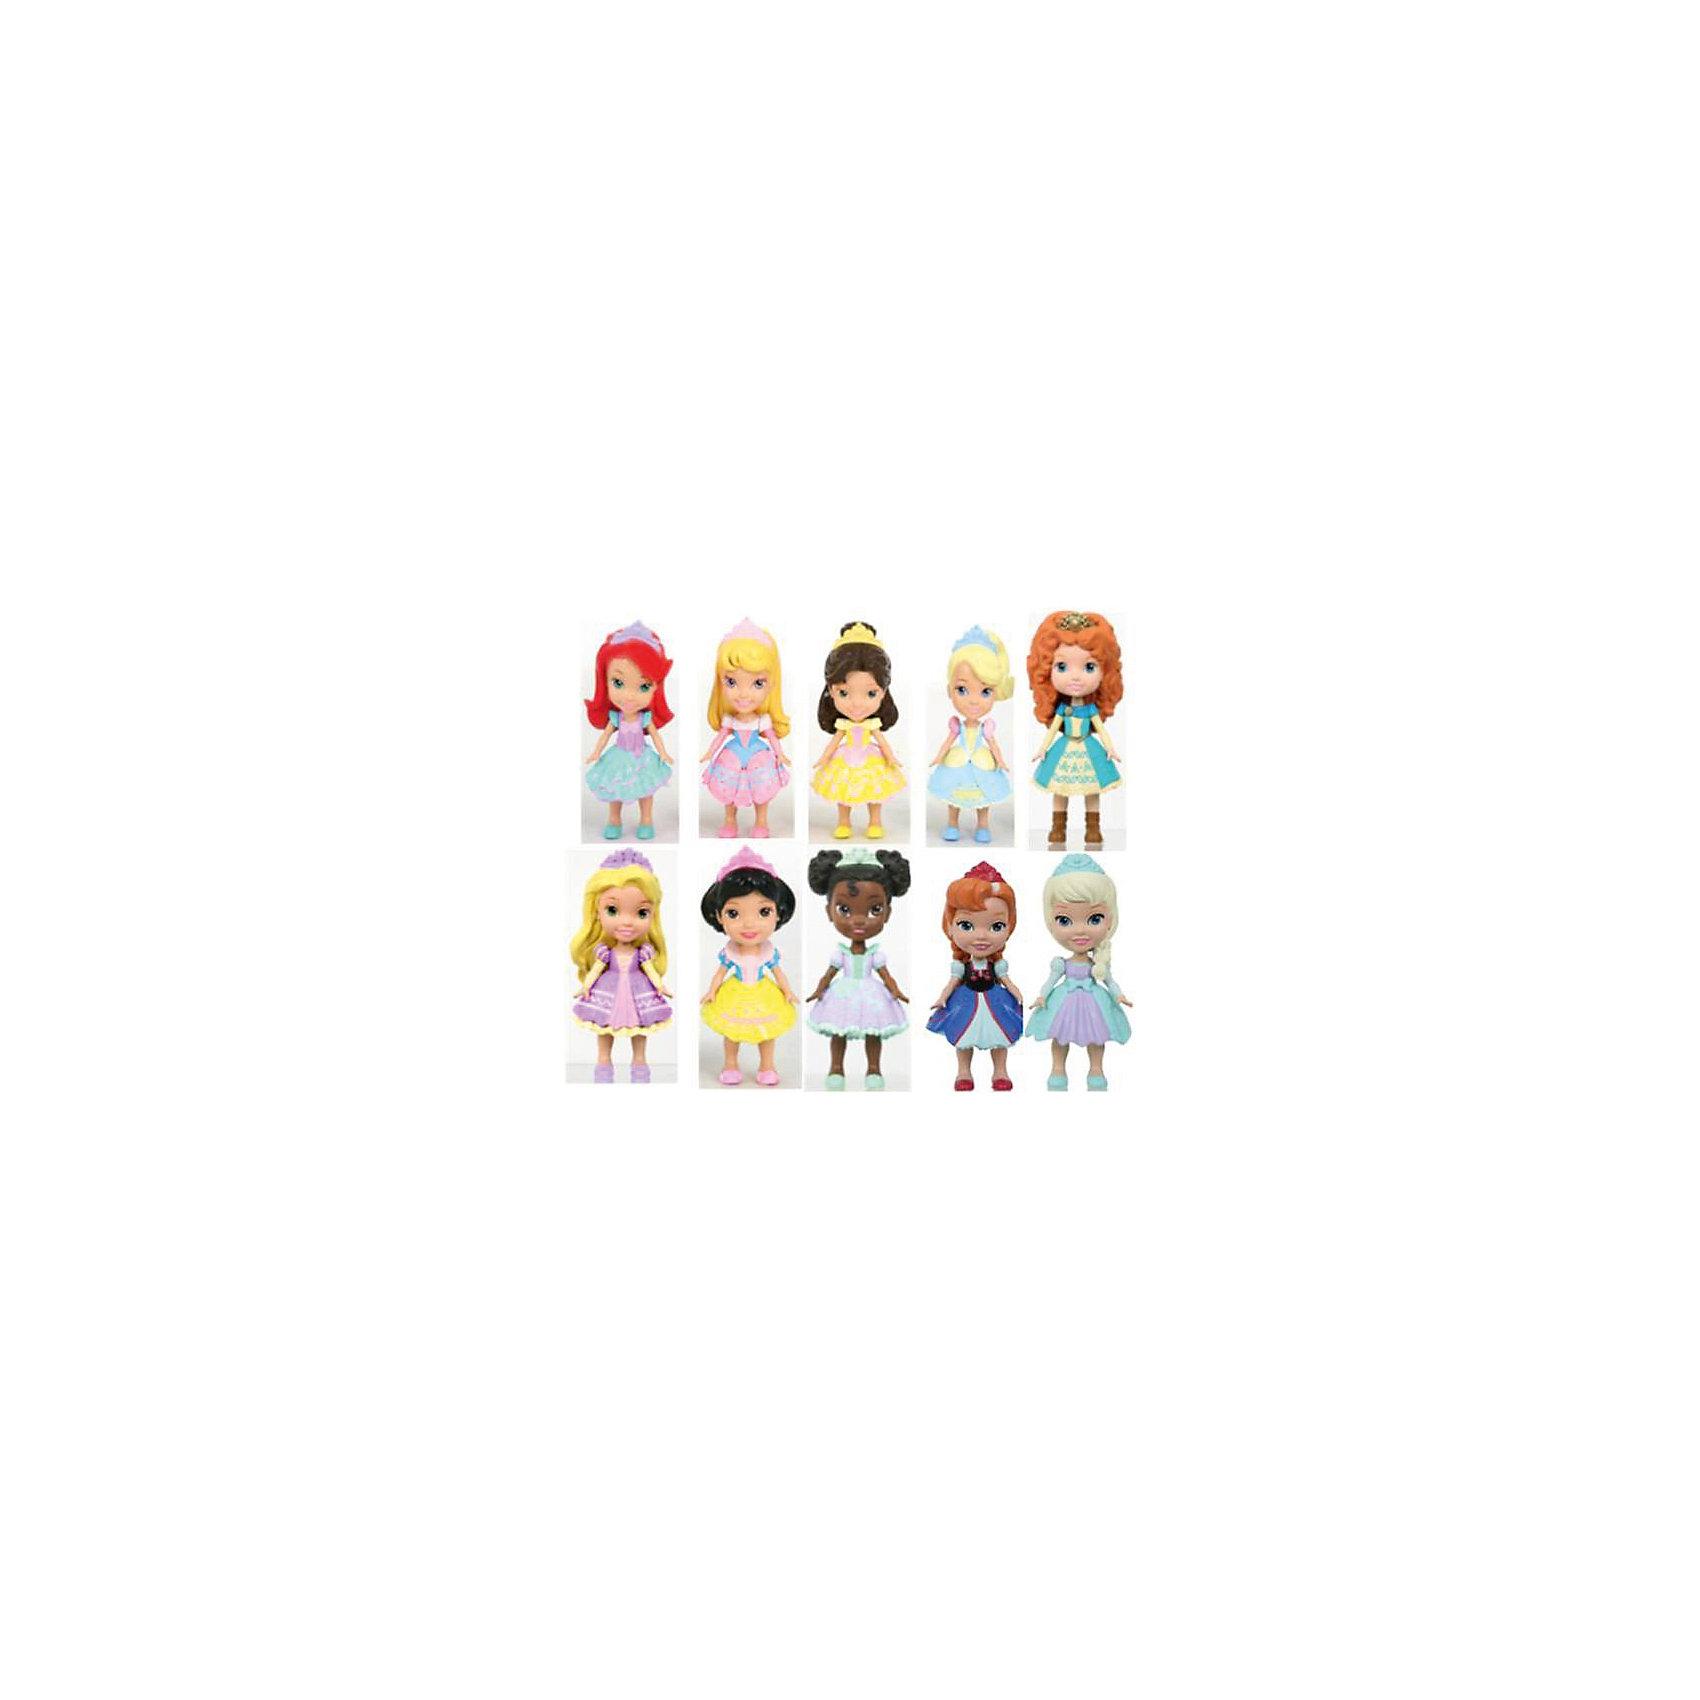 Кукла Малышка, 7,5 см, Холодное сердце, в асcортиментеКлассические куклы<br>Небольшие куколки Принцессы Дисней сделаны очень аккуратно, а их высота - всего 7,5 см. Они еще маленькие, но их легко узнать! Игрушка сделана из качественного пластика и с высокой детализацией. У нее подвижные части тела: голова, руки и ноги. Платье сделано из пластика. Каждая куколка продается в отдельном цветном открытом коробе. <br><br>Всего в ассортименте 10 классических принцесс:<br><br>Золушка,<br>Белоснежка,<br>Ариэль,<br>Аврора,<br>Мерида,<br>Мулан,<br>Тиана,<br>Анна и Эльза из мультфильма Холодное Сердце.<br><br>Ширина мм: 50<br>Глубина мм: 110<br>Высота мм: 55<br>Вес г: 68<br>Возраст от месяцев: 36<br>Возраст до месяцев: 120<br>Пол: Женский<br>Возраст: Детский<br>SKU: 4720301